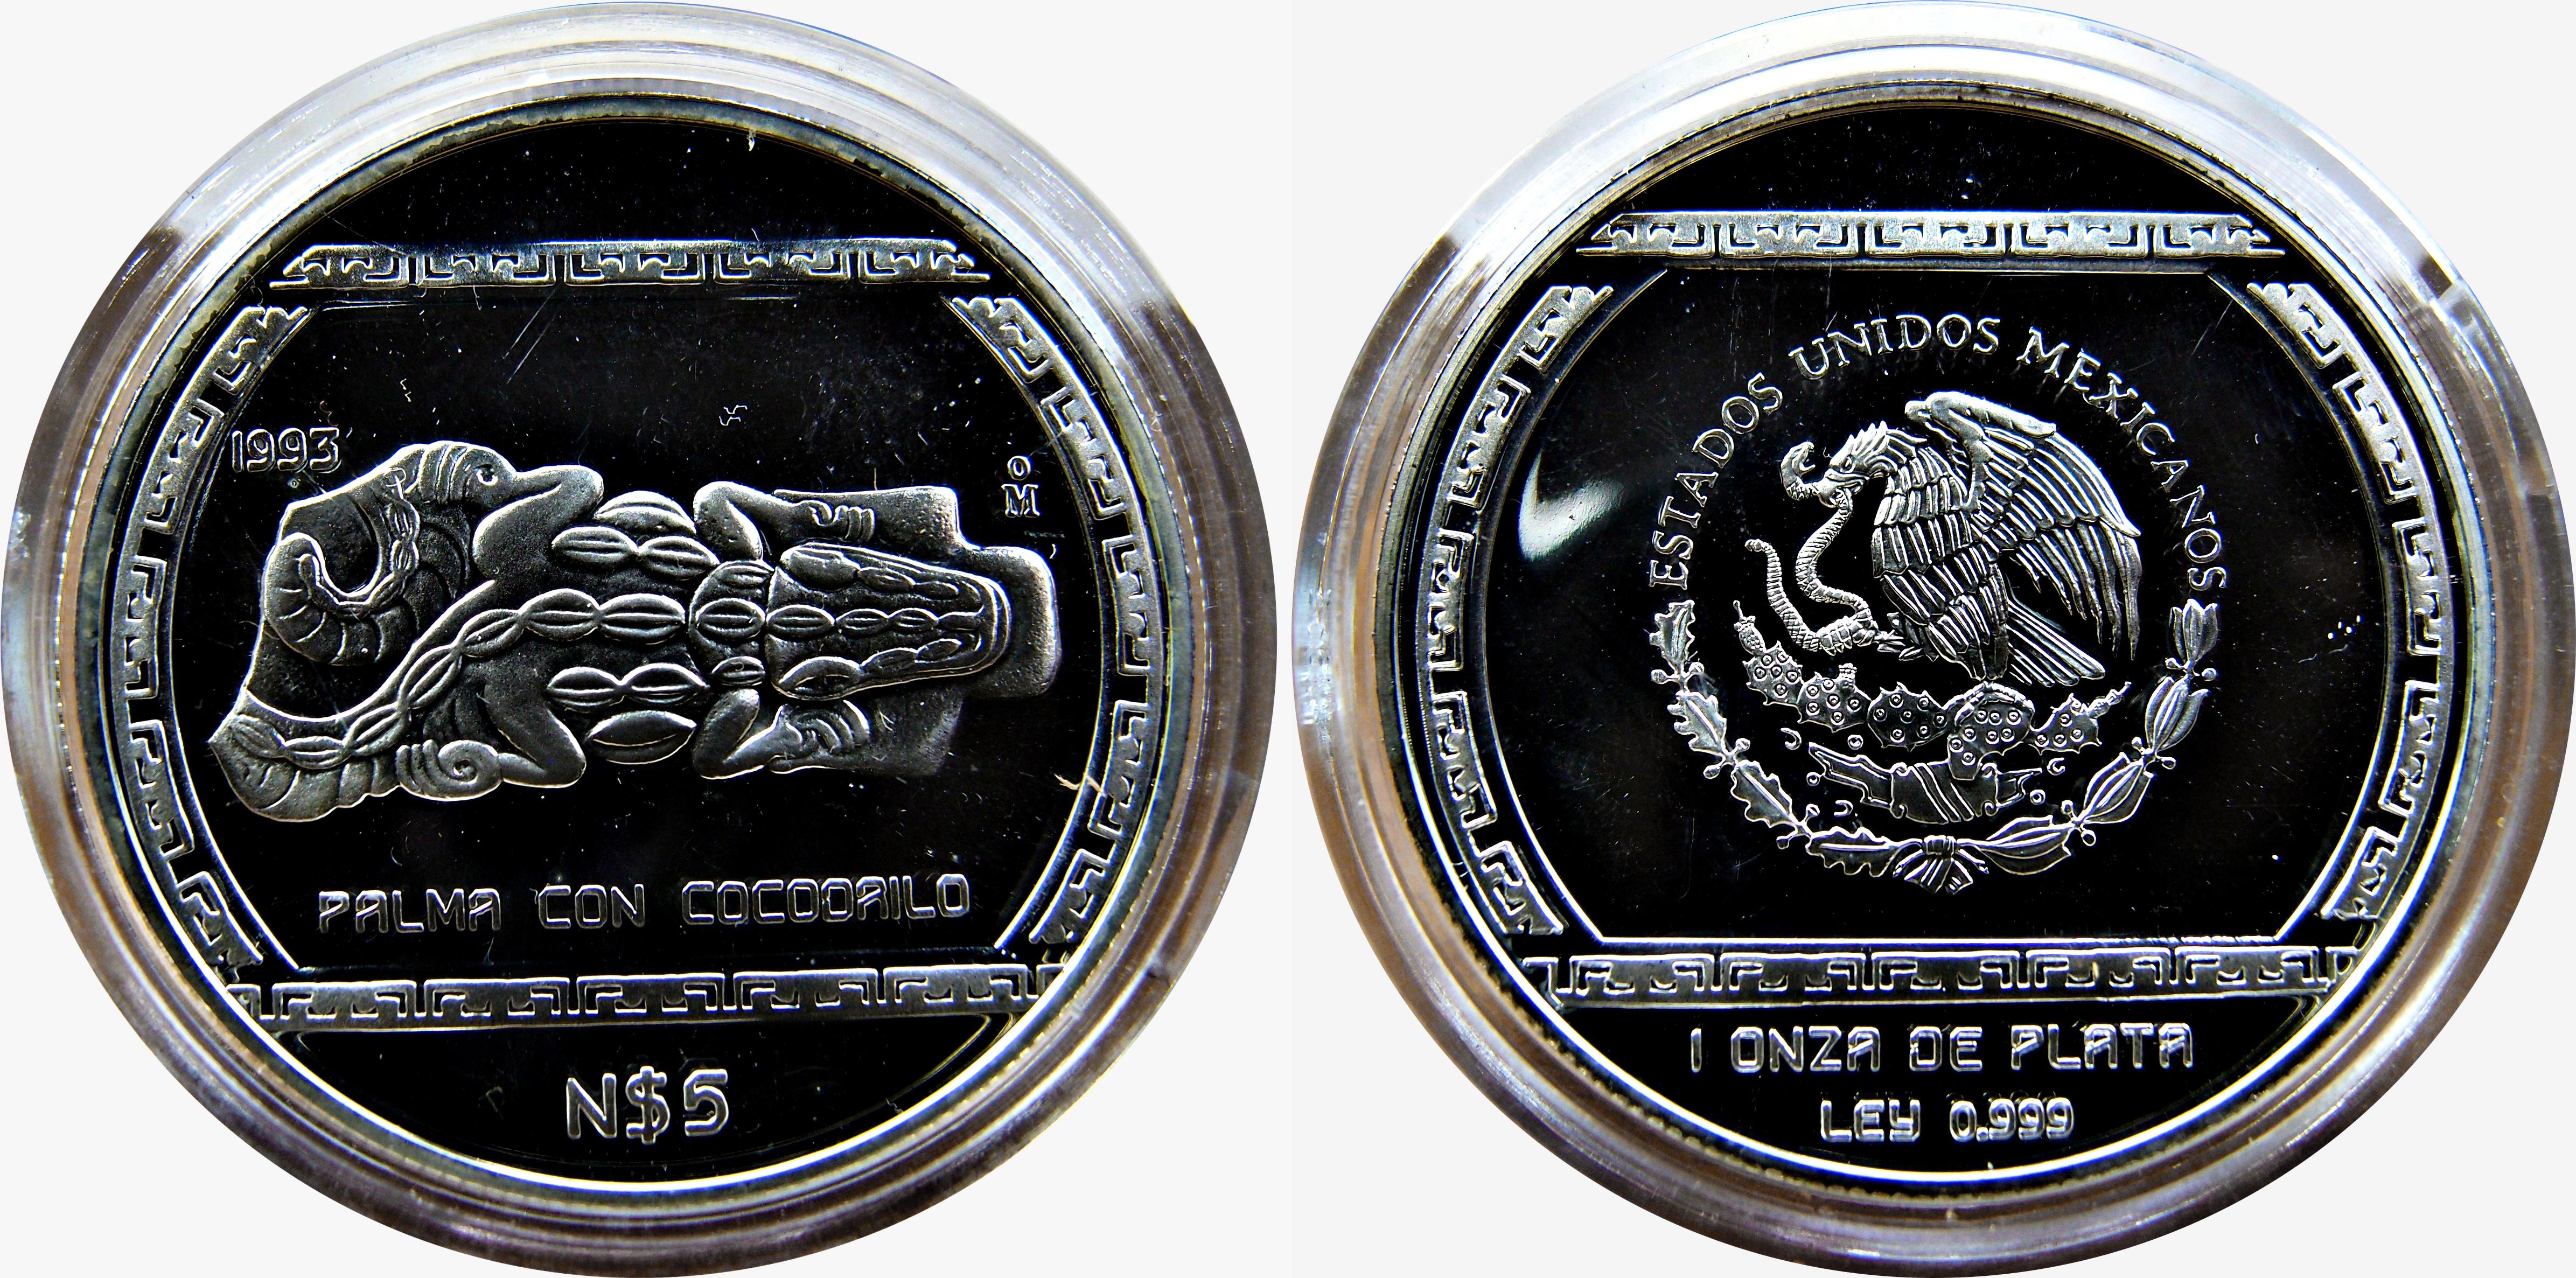 Colección Precolombina de onzas de plata del Banco de Mexico 12124363756_53cb9c507f_o